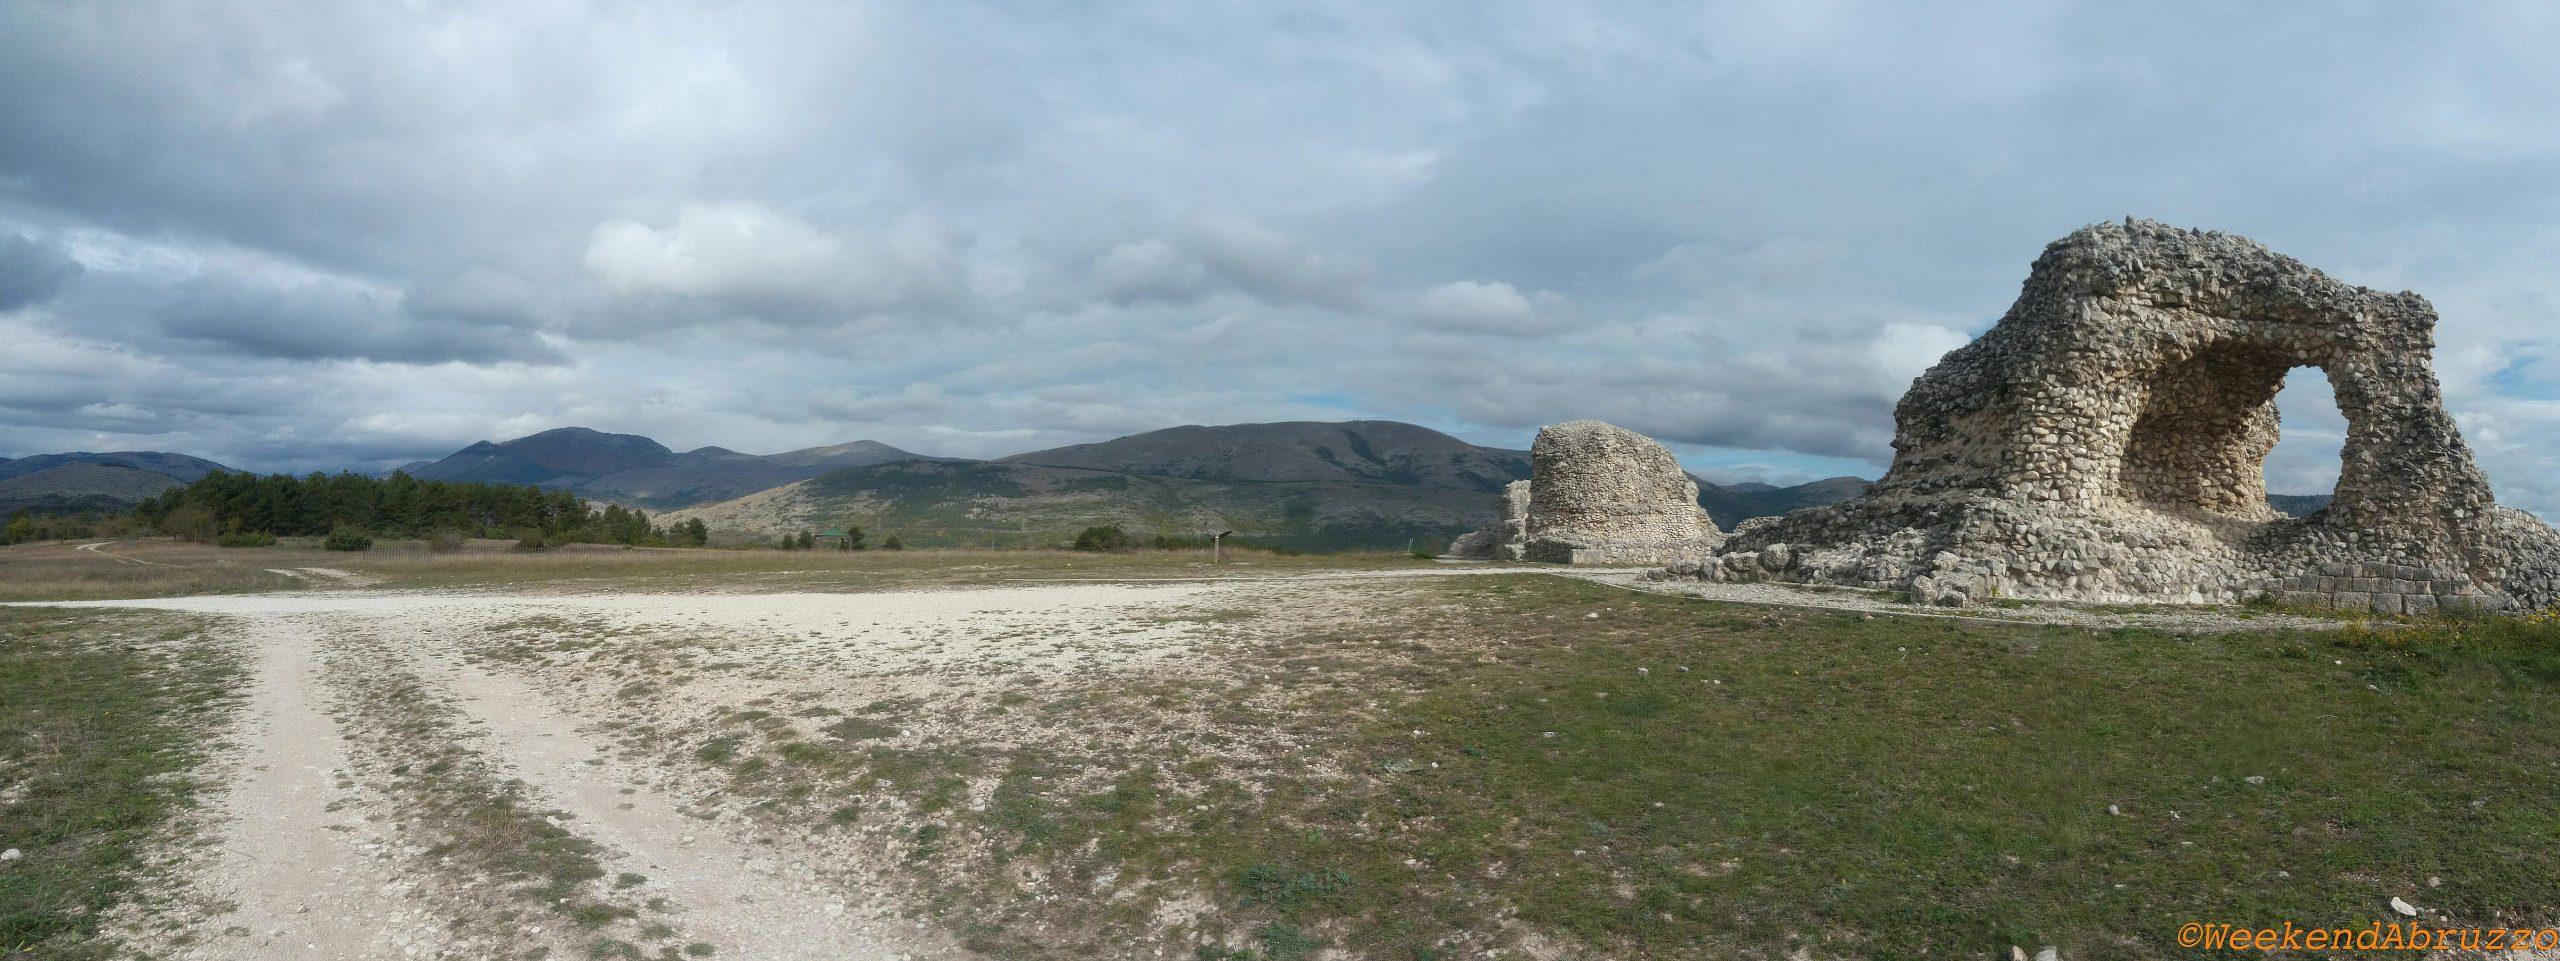 Peltuinum: sito archeologico romano da visitare in Abruzzo